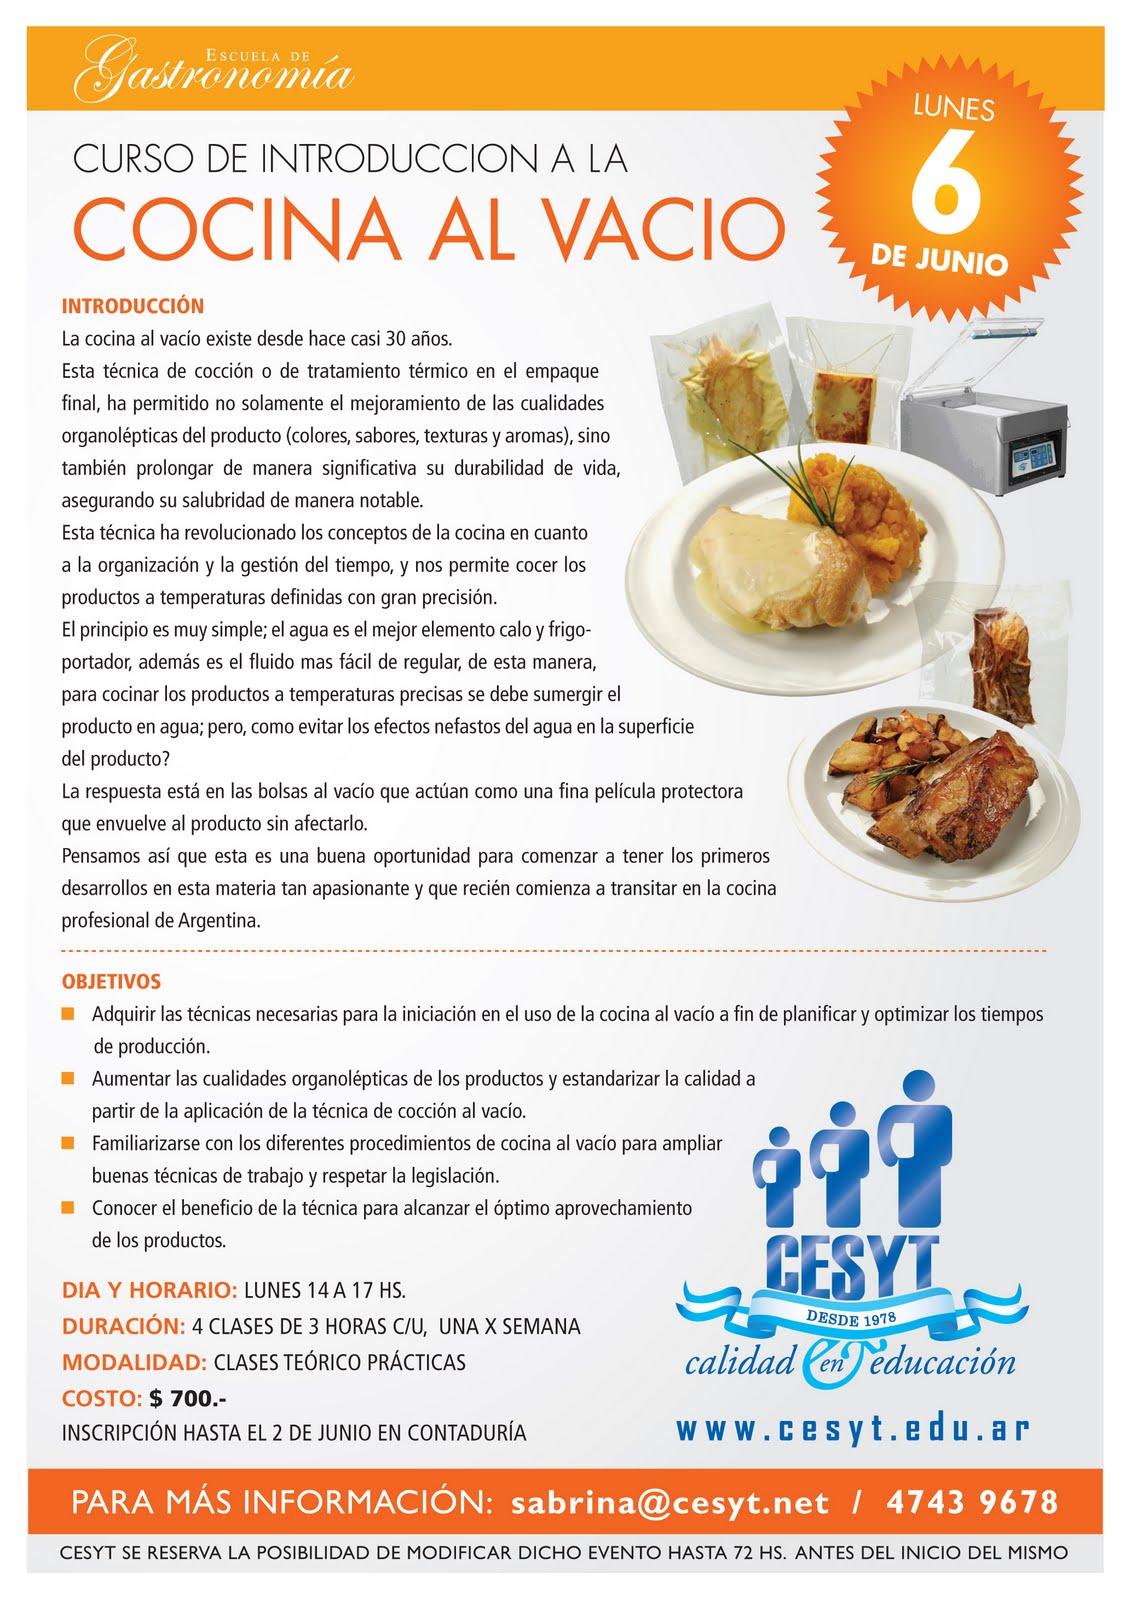 Gastronom a curso de introducci n a la cocina al vac o for Introduccion a la gastronomia pdf